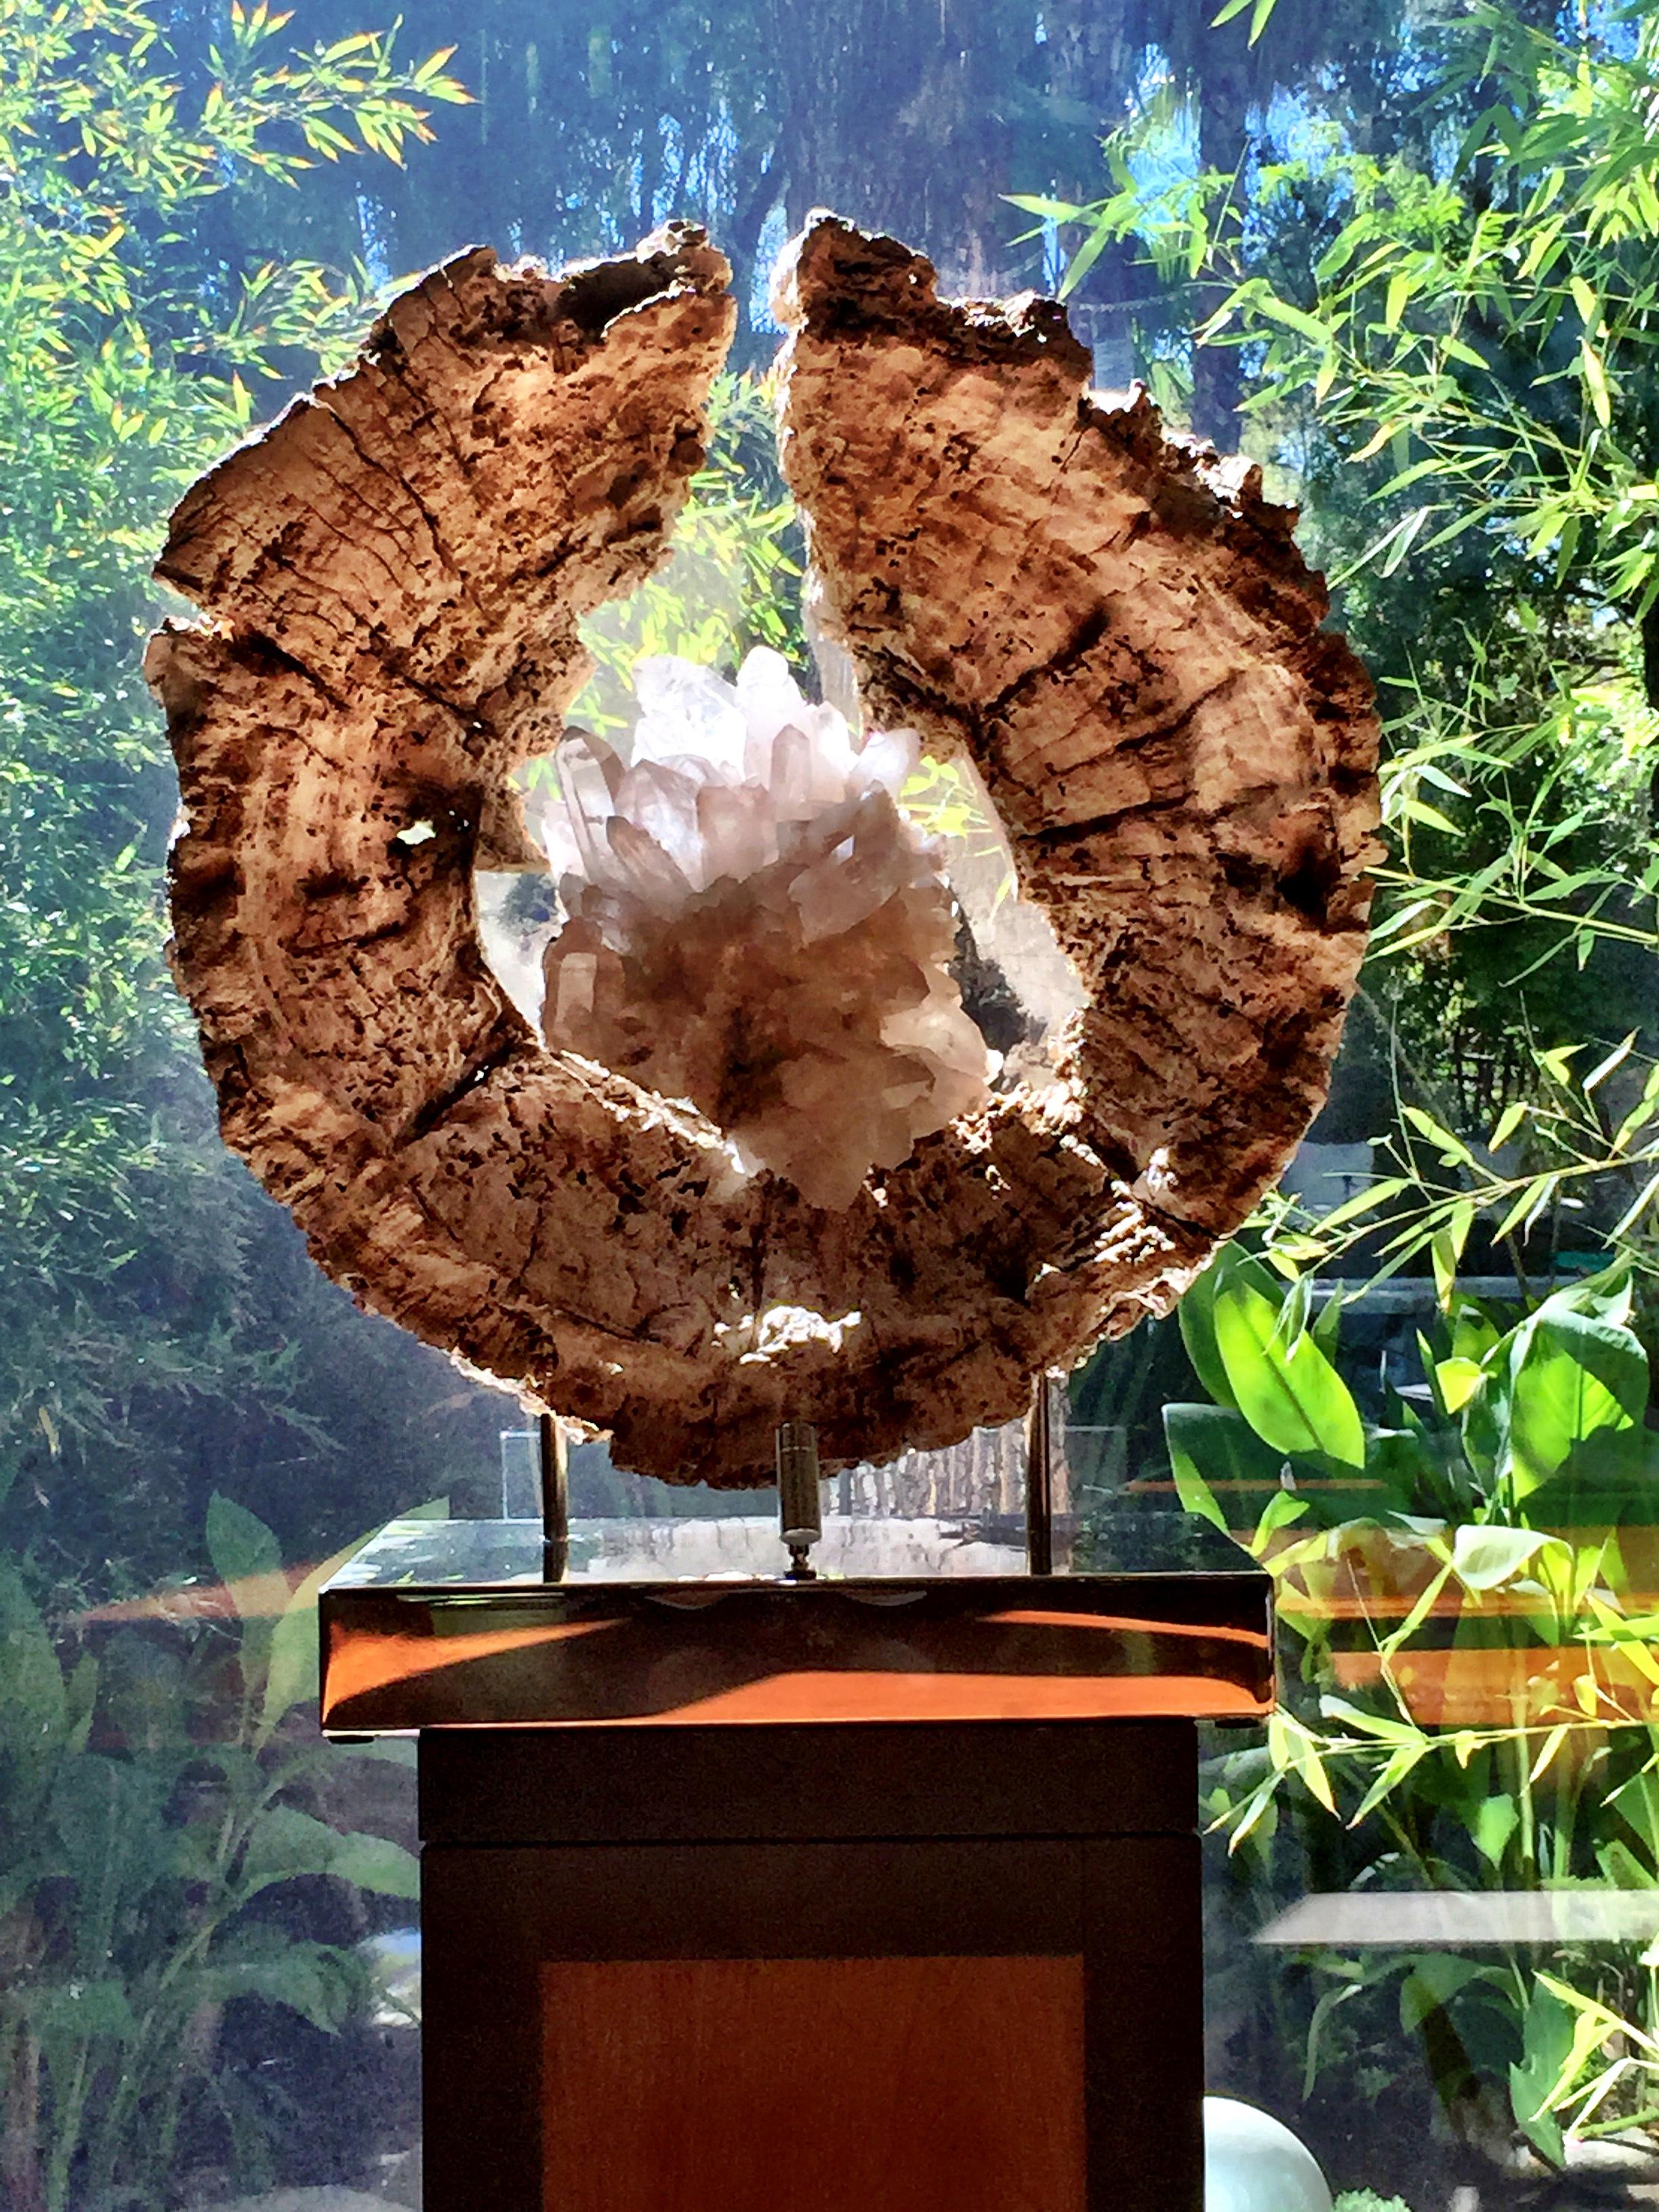 The Matrix_Reclaimed Wood_Quartz_Lights_Steel - 27 x 22 x 12 in - $7200.jpg